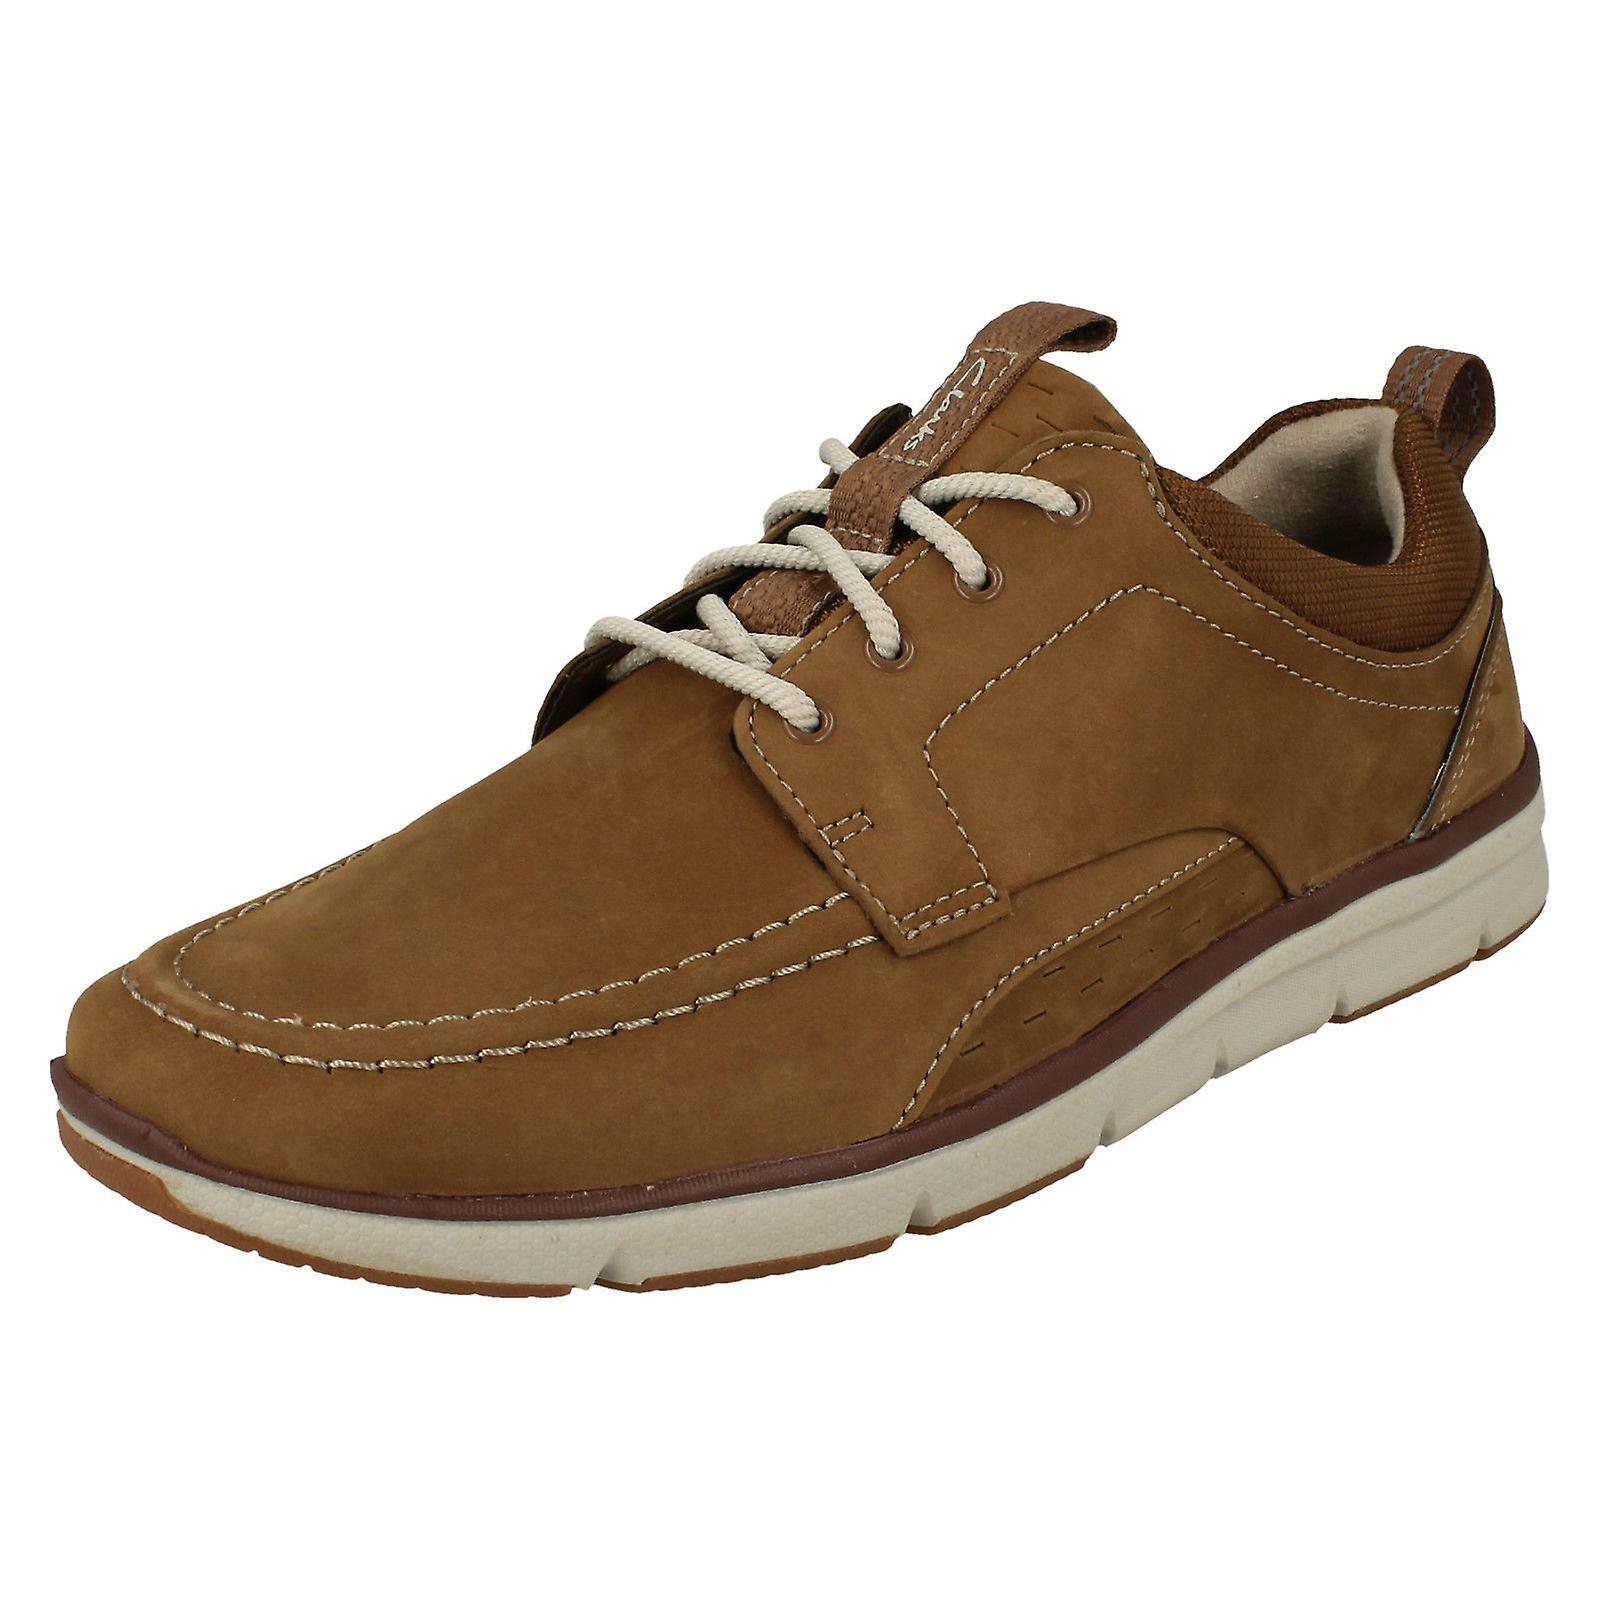 Bay Orson scarpe con lacci Casual Mens Clarks   qualità regina    Scolaro/Ragazze Scarpa